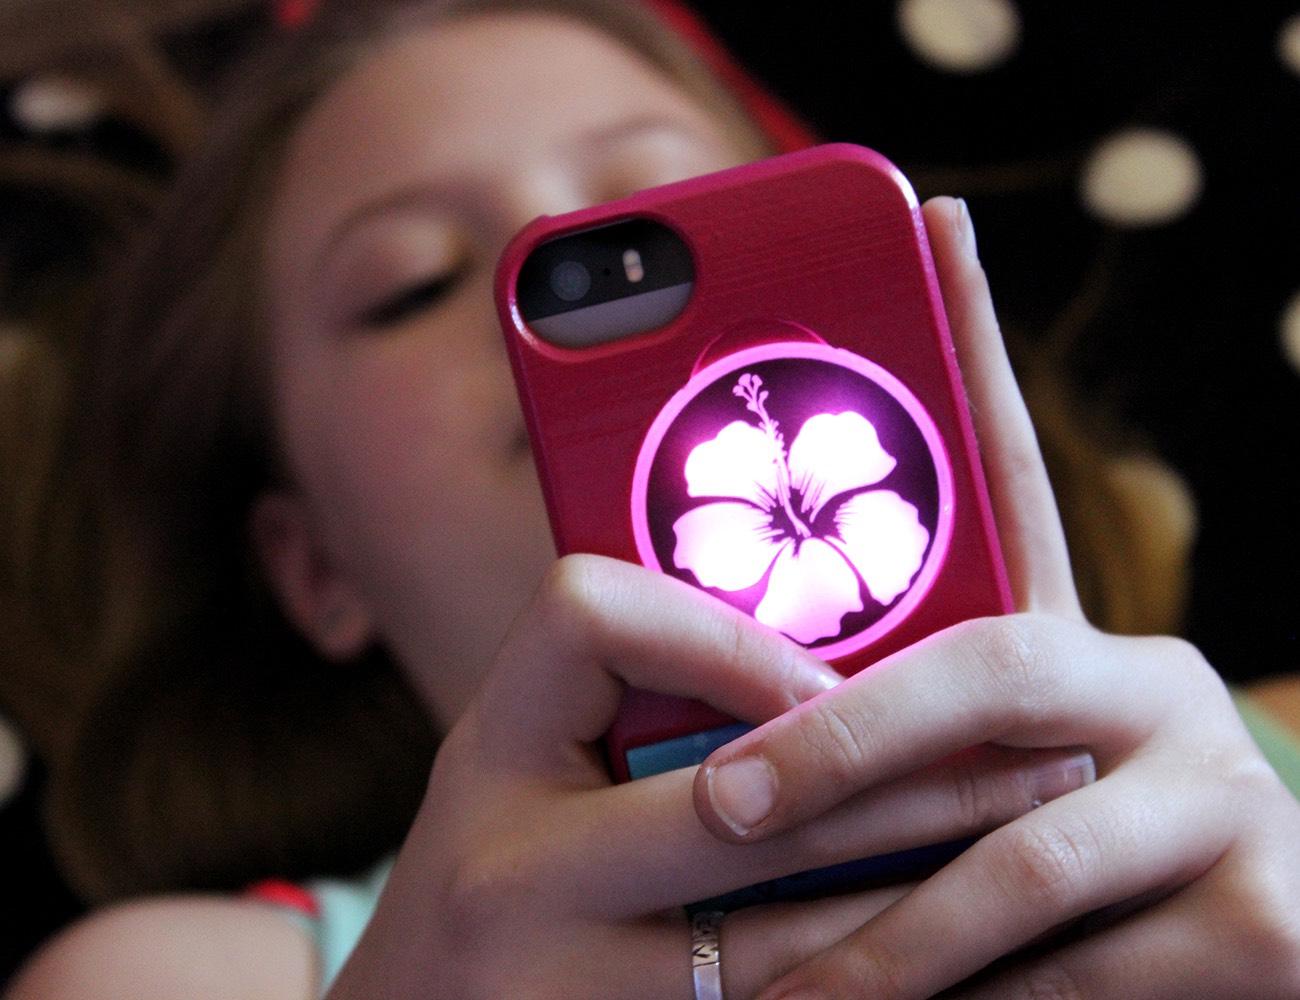 illuminating-iphone-cases-04